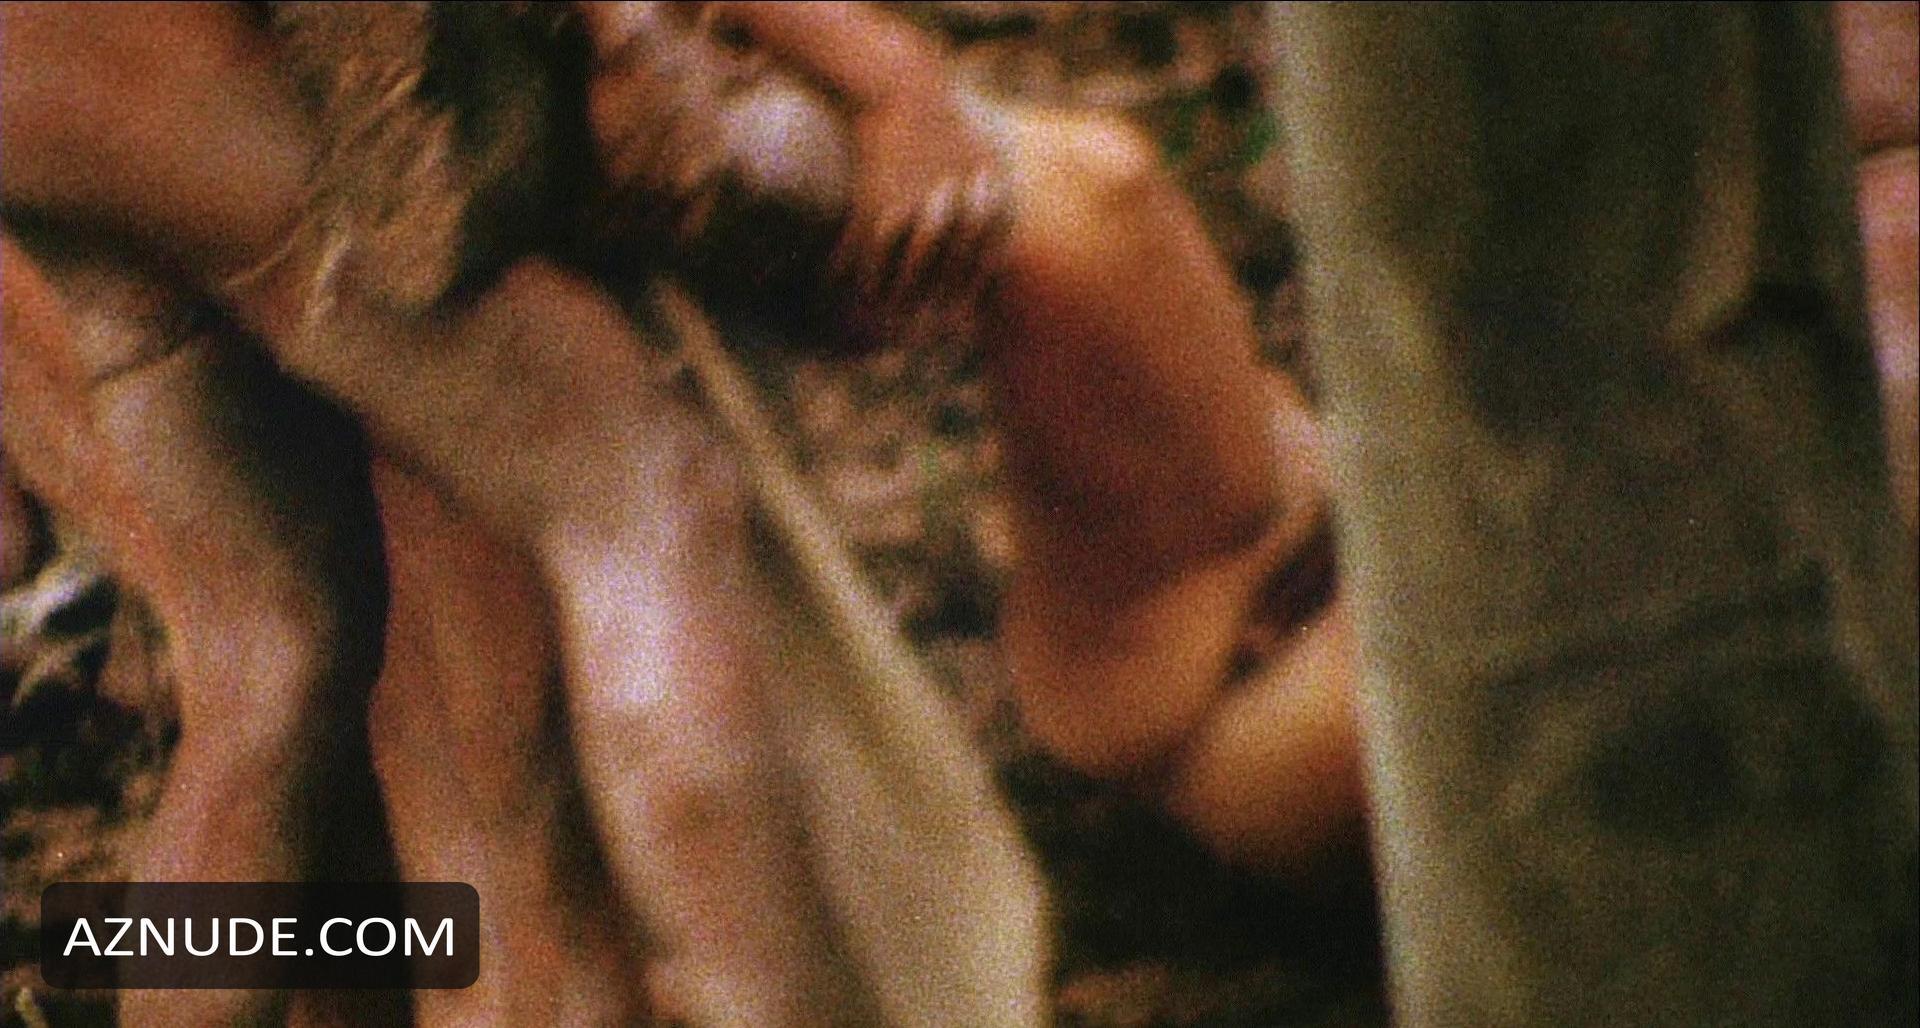 sucking dick porn female